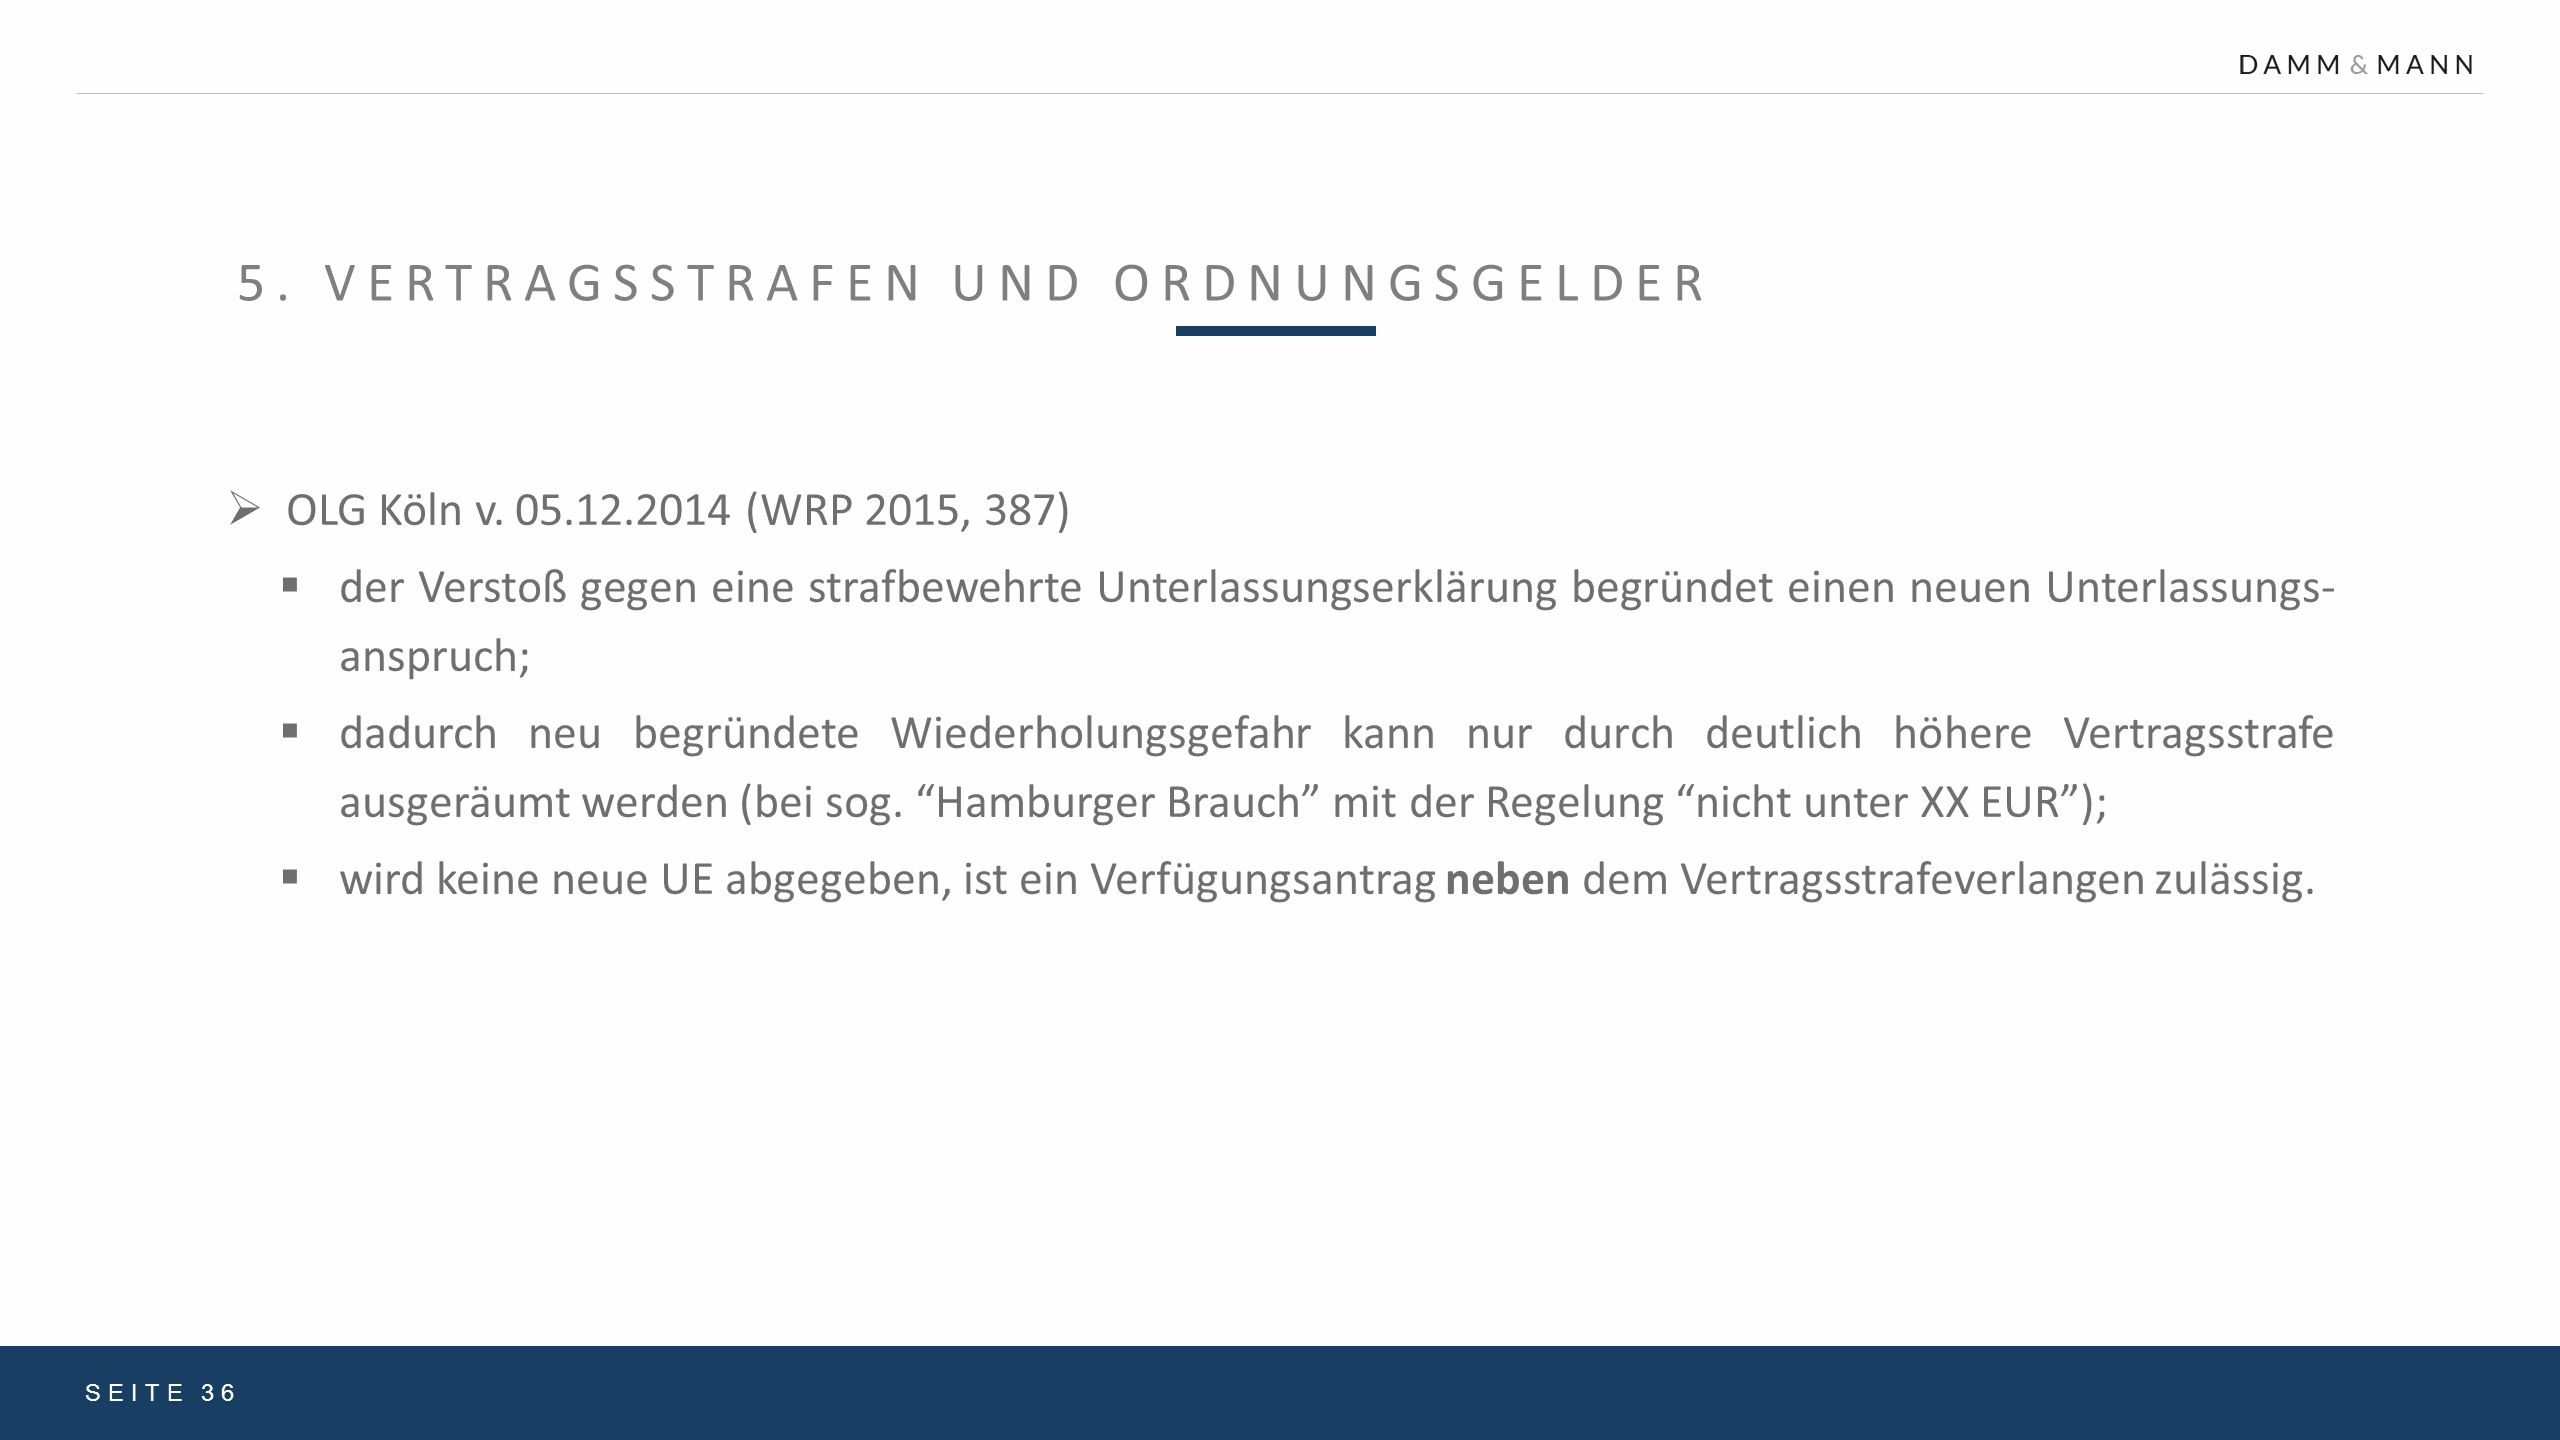 5. VERTRAGSSTRAFEN UND ORDNUNGSGELDER SEITE 36  OLG Köln v. 05.12.2014 (WRP 2015, 387)  der Verstoß gegen eine strafbewehrte Unterlassungserklärung